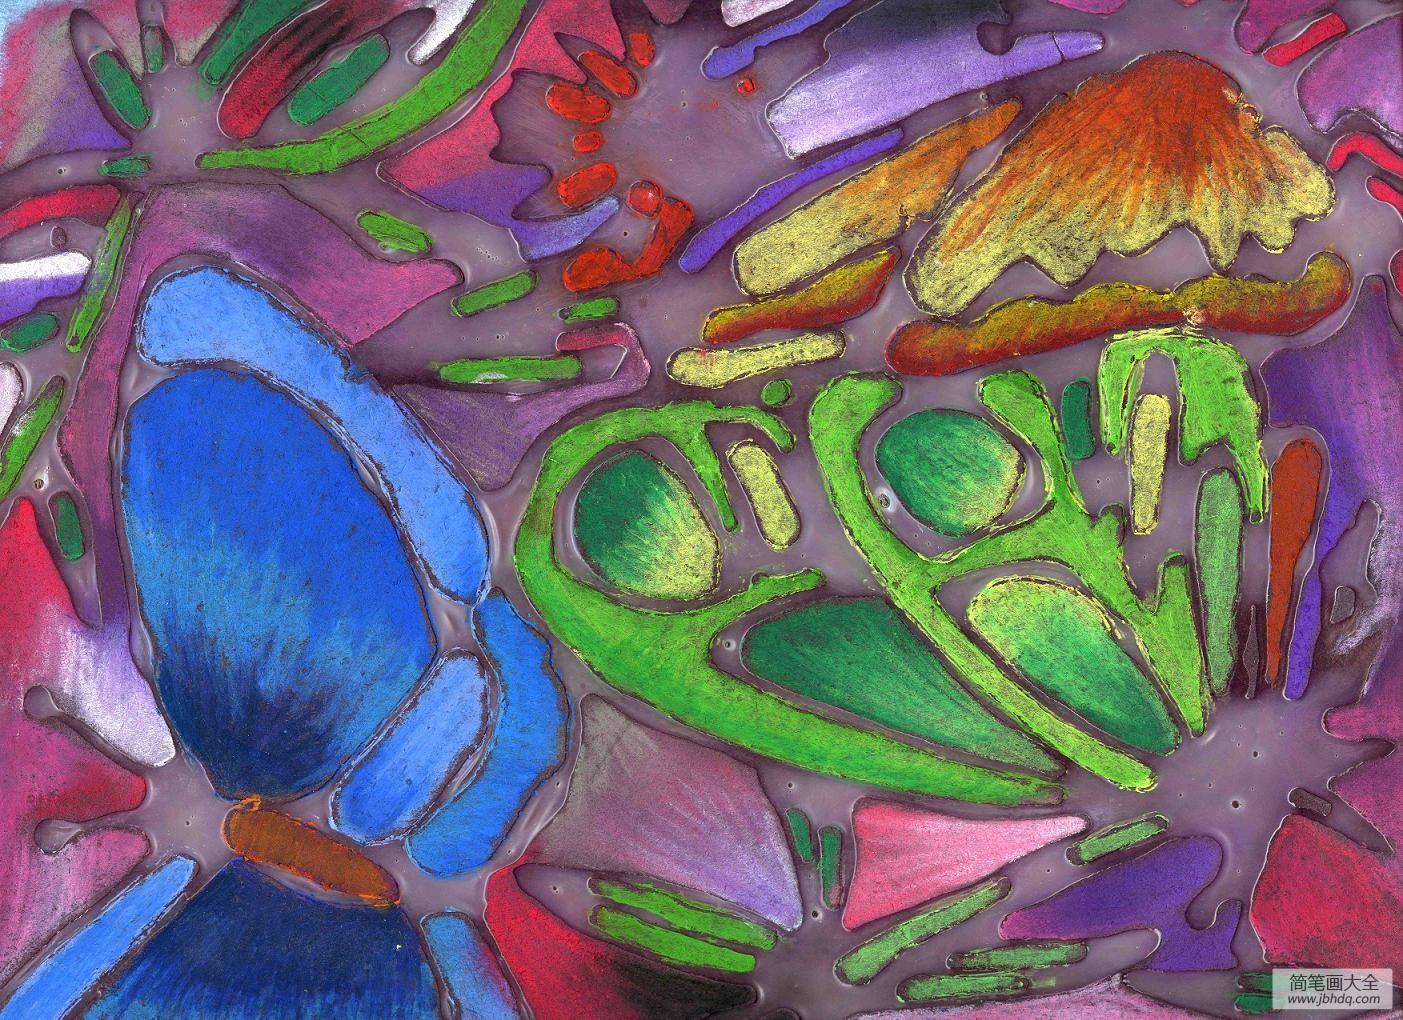 国外优秀海报_国外优秀儿童画-色彩斑斓的蝴蝶